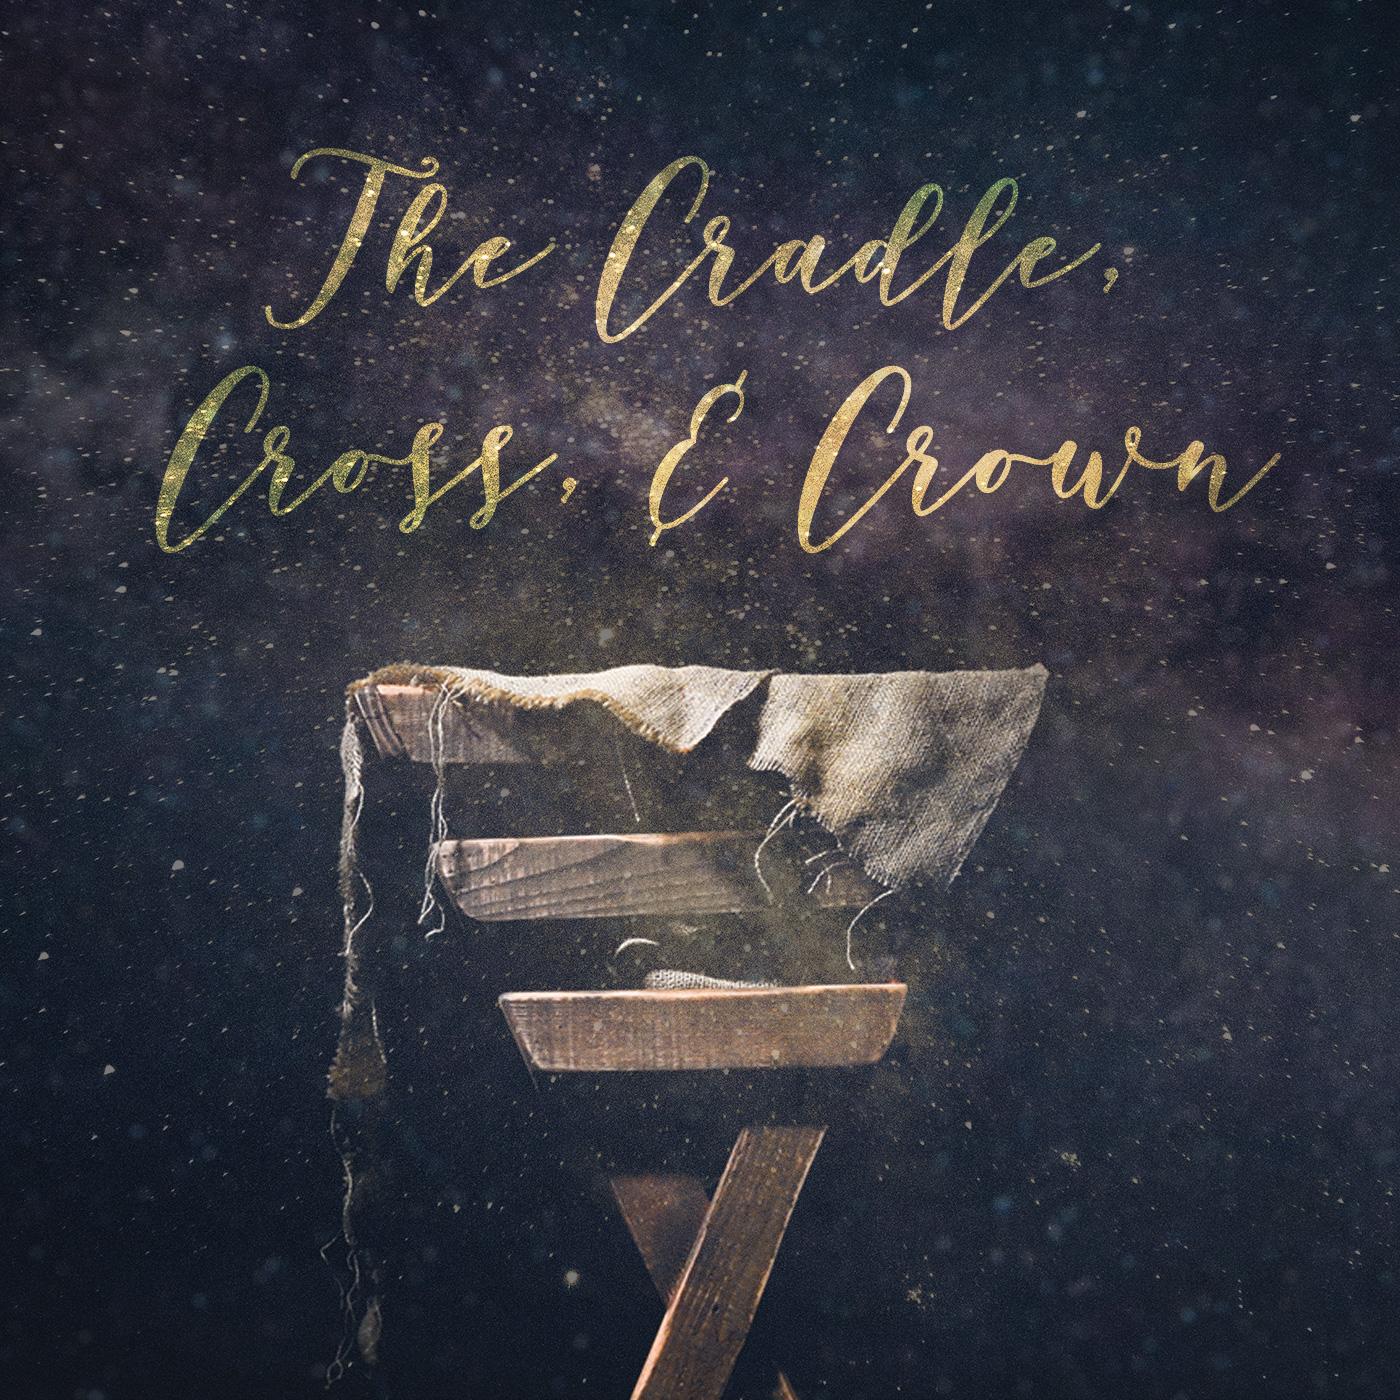 cradlecrosscrown_square